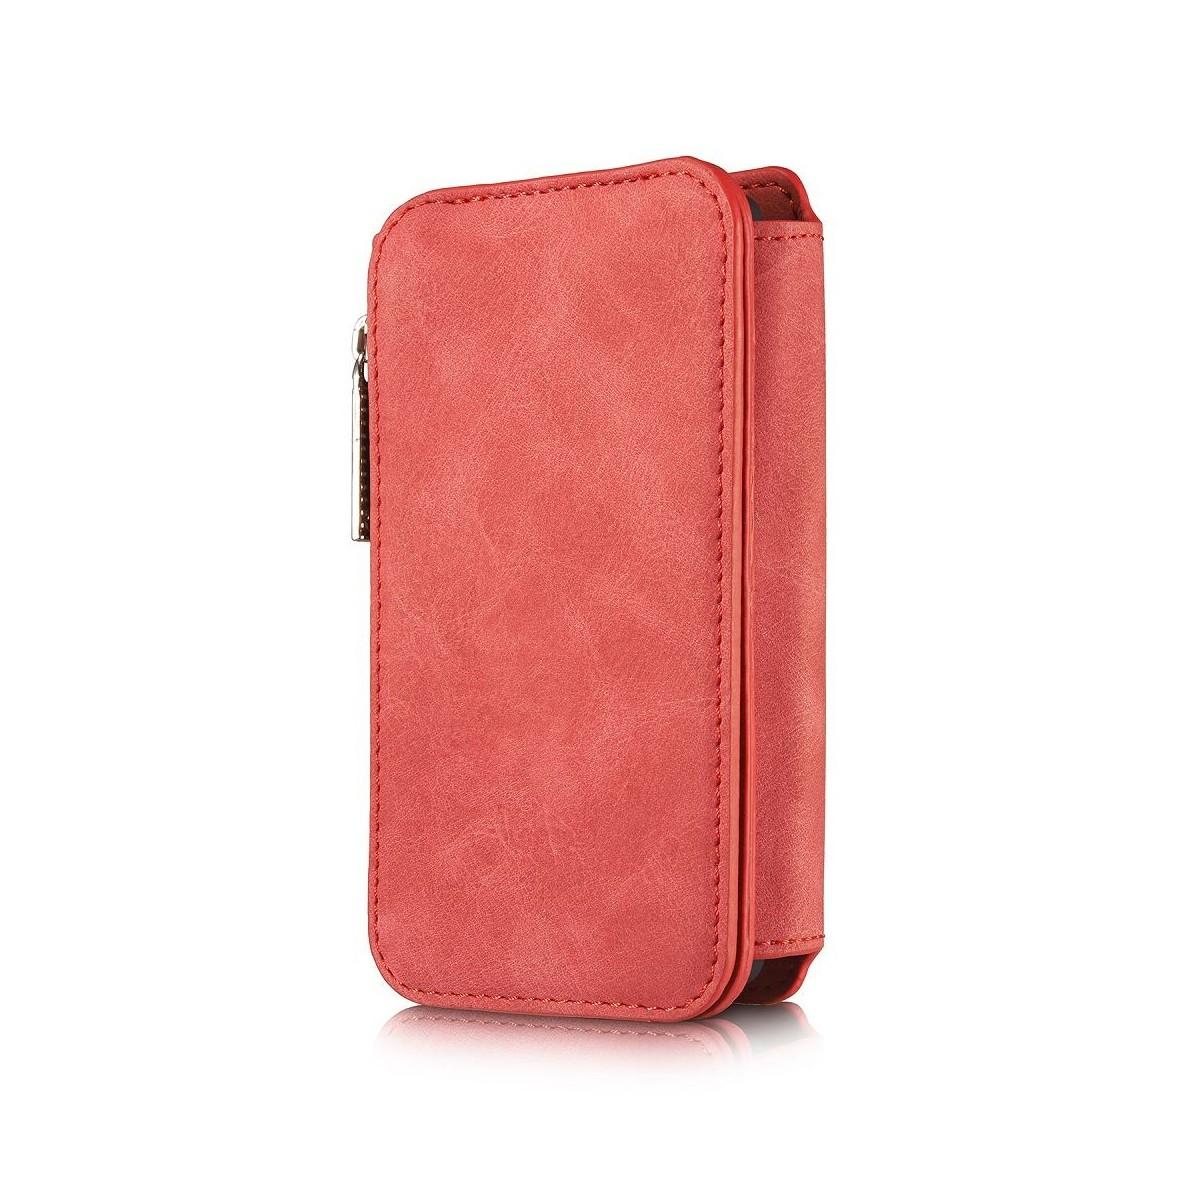 Etui iPhone SE / 5S / 5 Portefeuille multifonctions Rouge - CaseMe